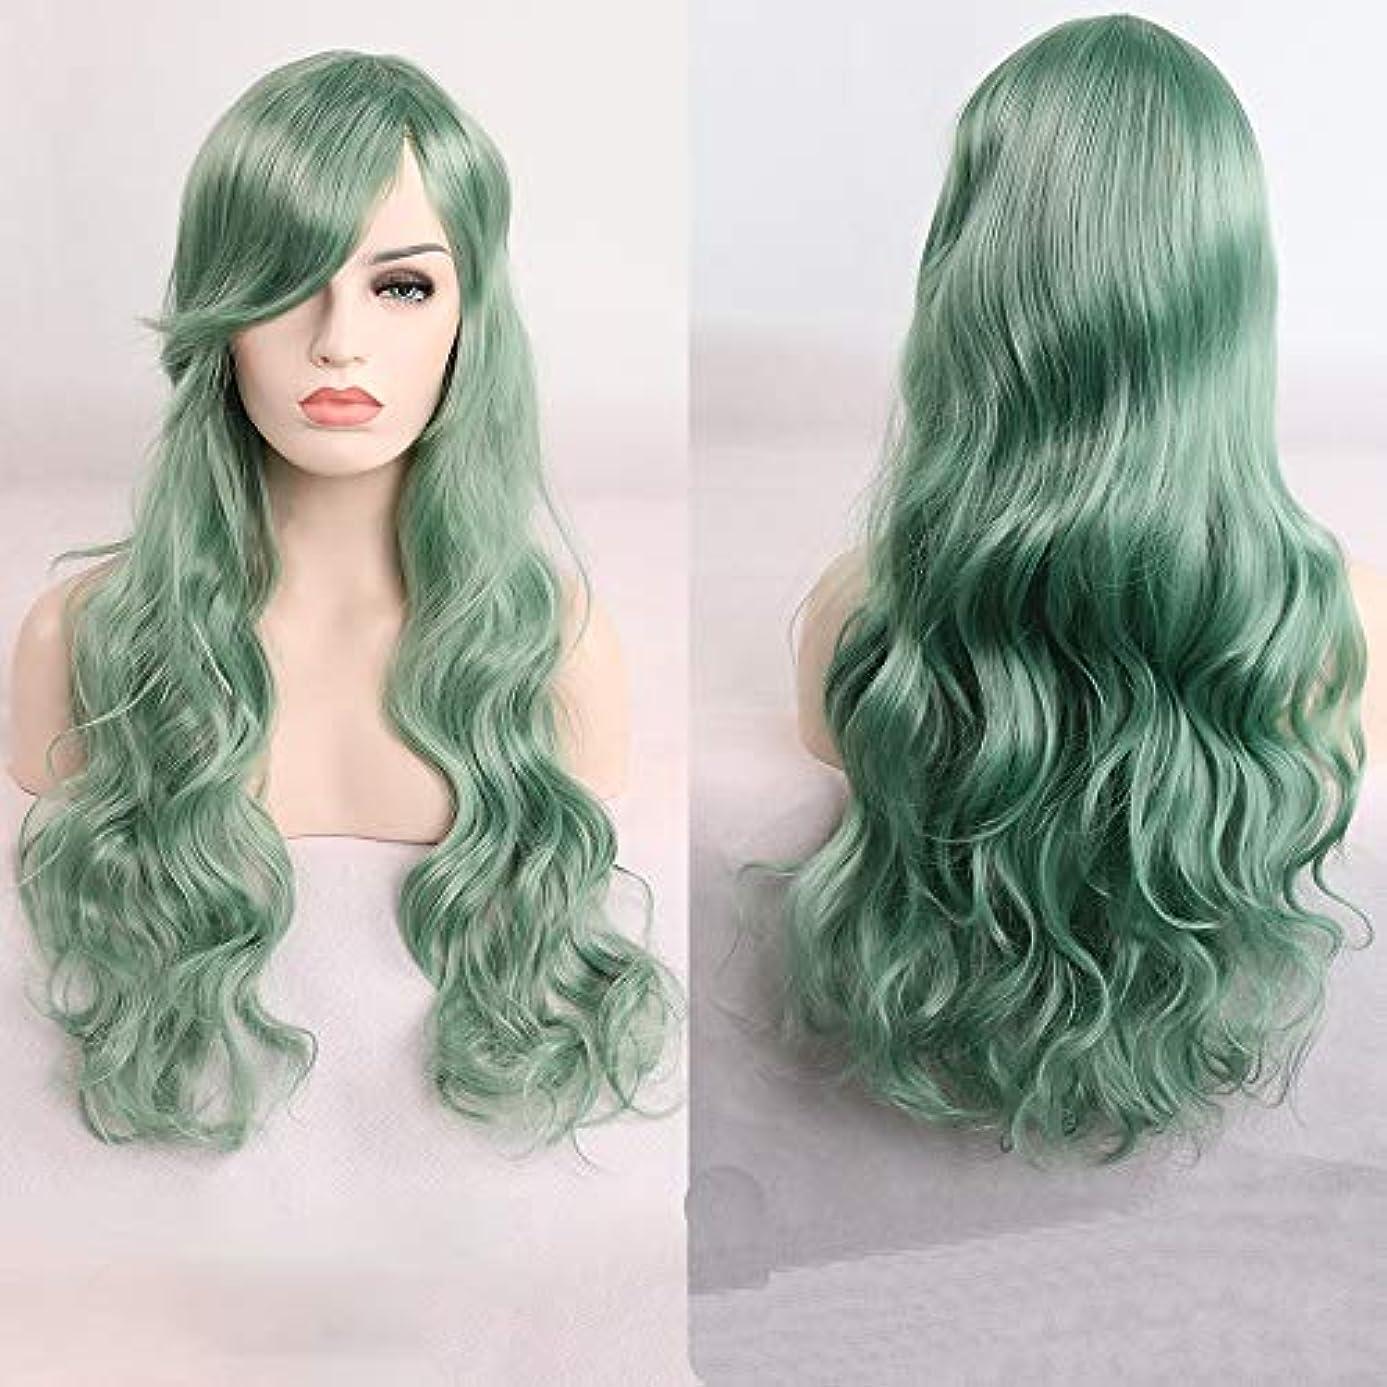 ゲインセイ証書普遍的な女性の長い大きなウェーブのかかった髪かつら31インチ人工毛交換かつらハロウィンコスプレ衣装アニメパーティーウィッグ(かつらキャップ付き) (Color : 緑)